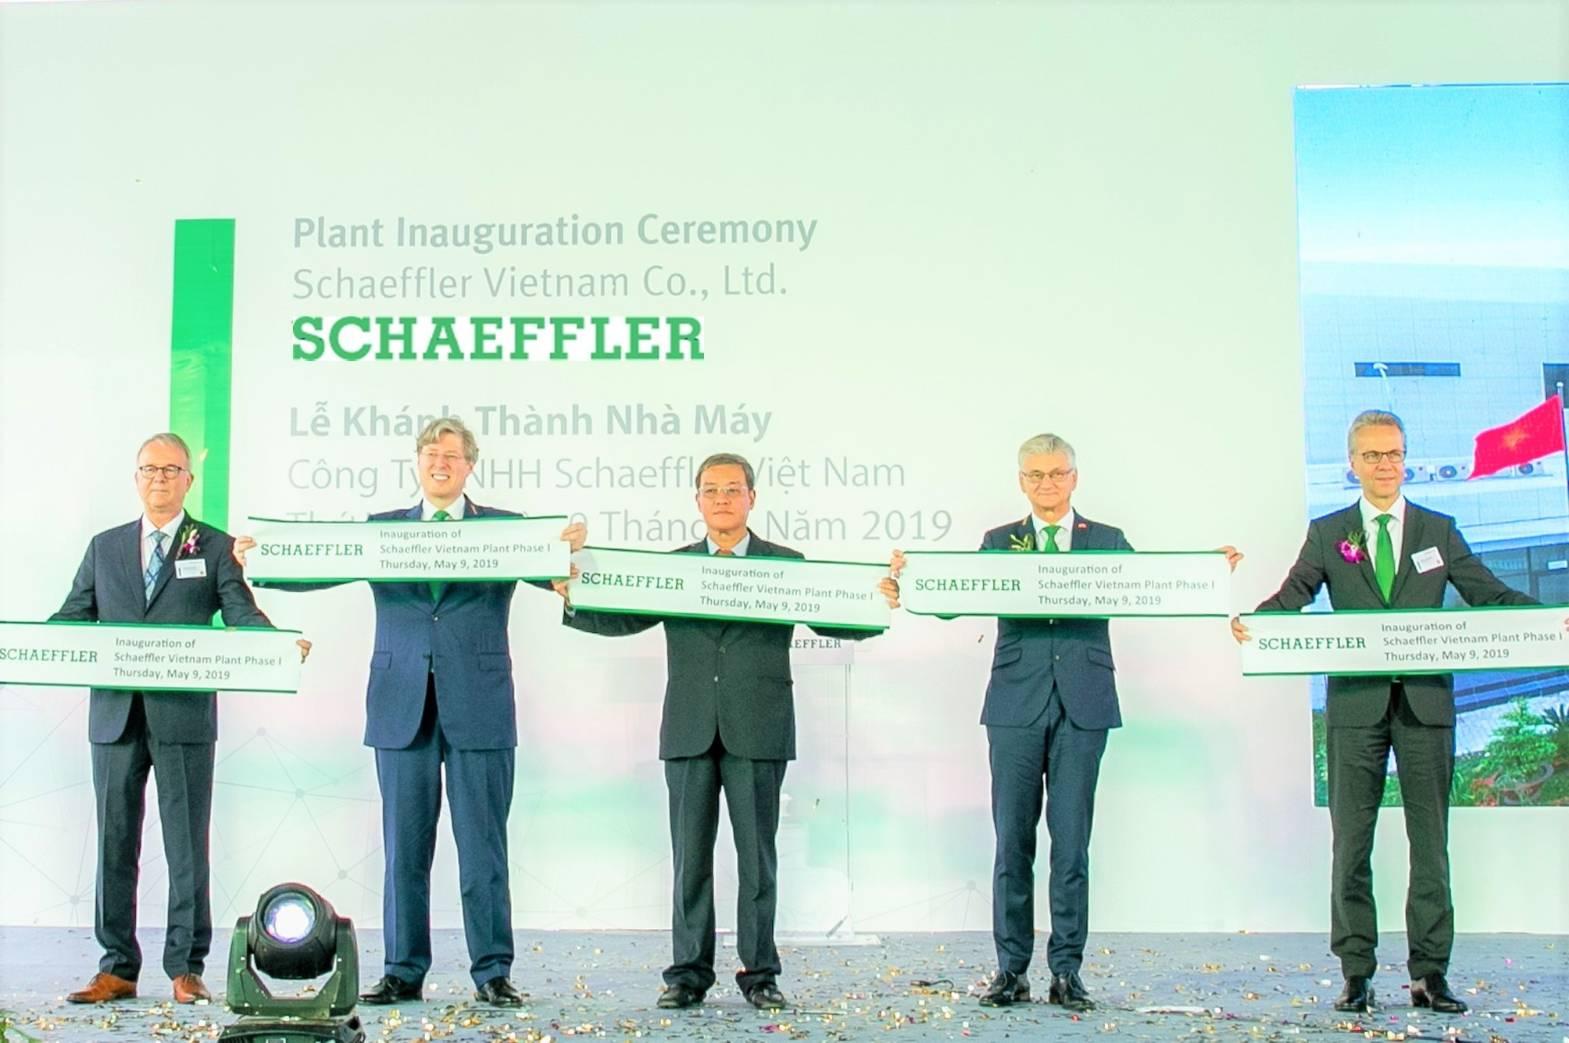 แชฟฟ์เลอร์ ทุ่มงบกว่า 1,600 ล้านบาท เปิดโรงงานใหม่ที่เวียดนาม